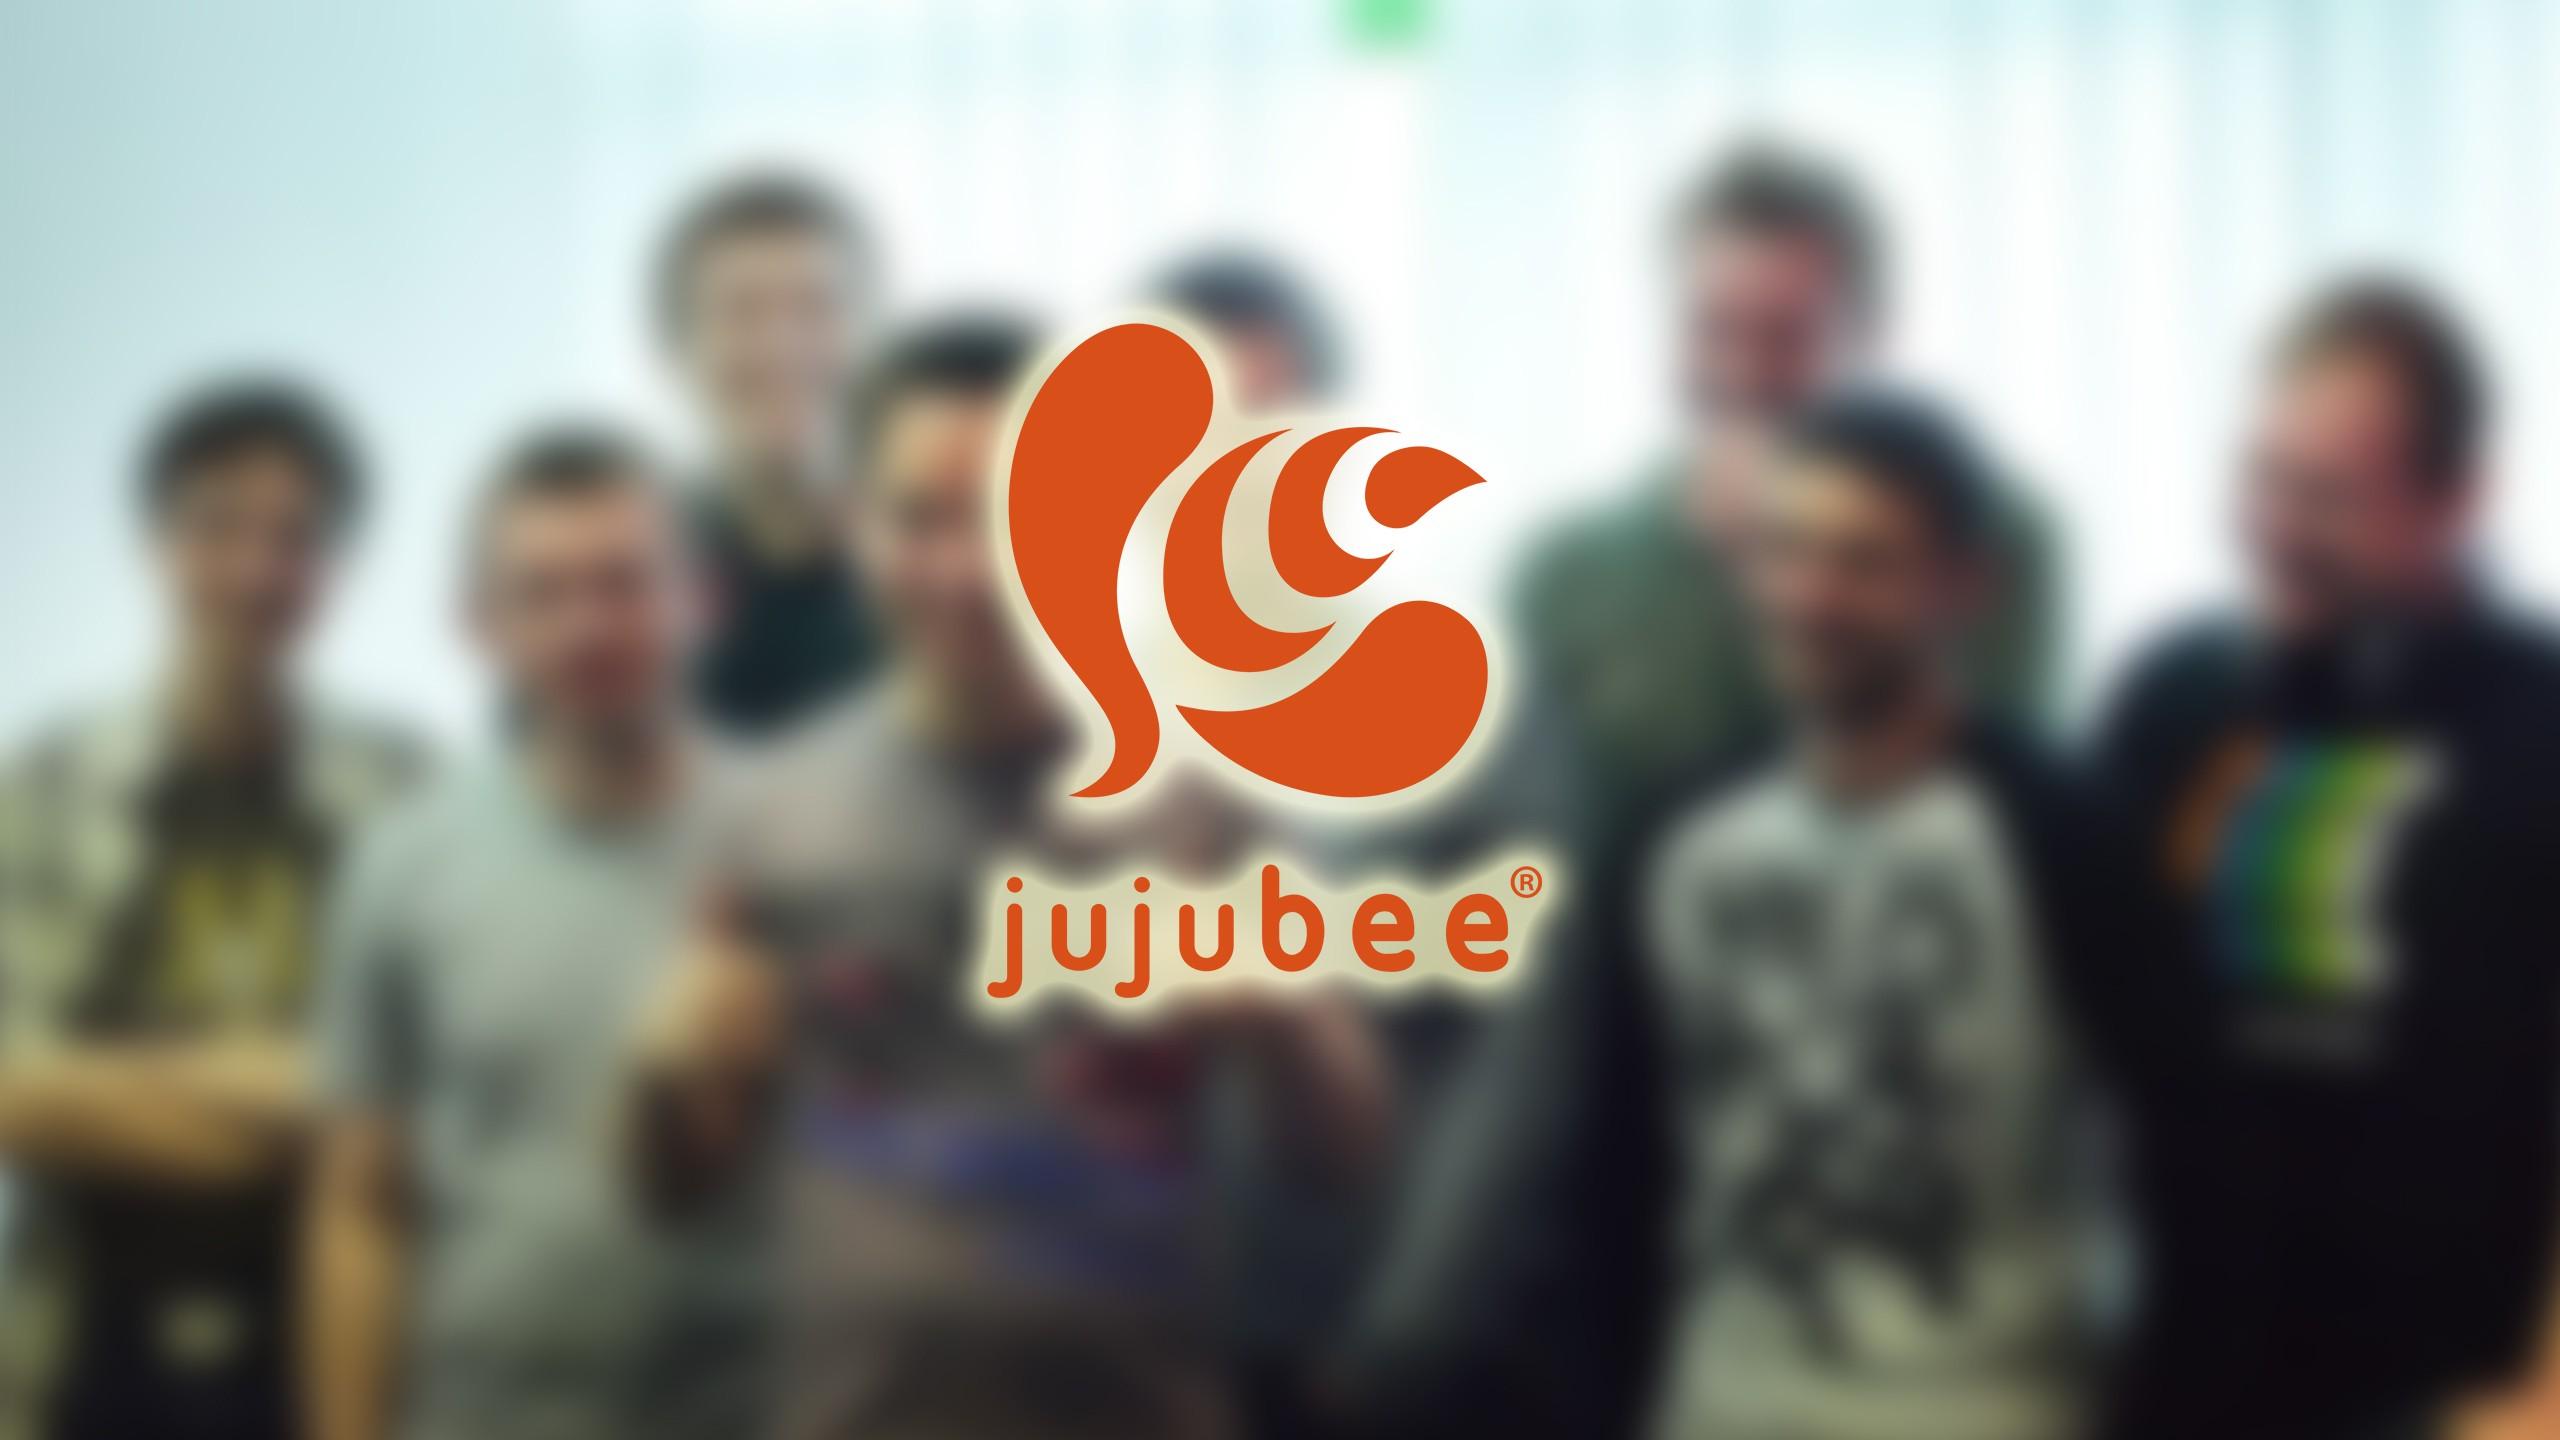 Jujubee - logo